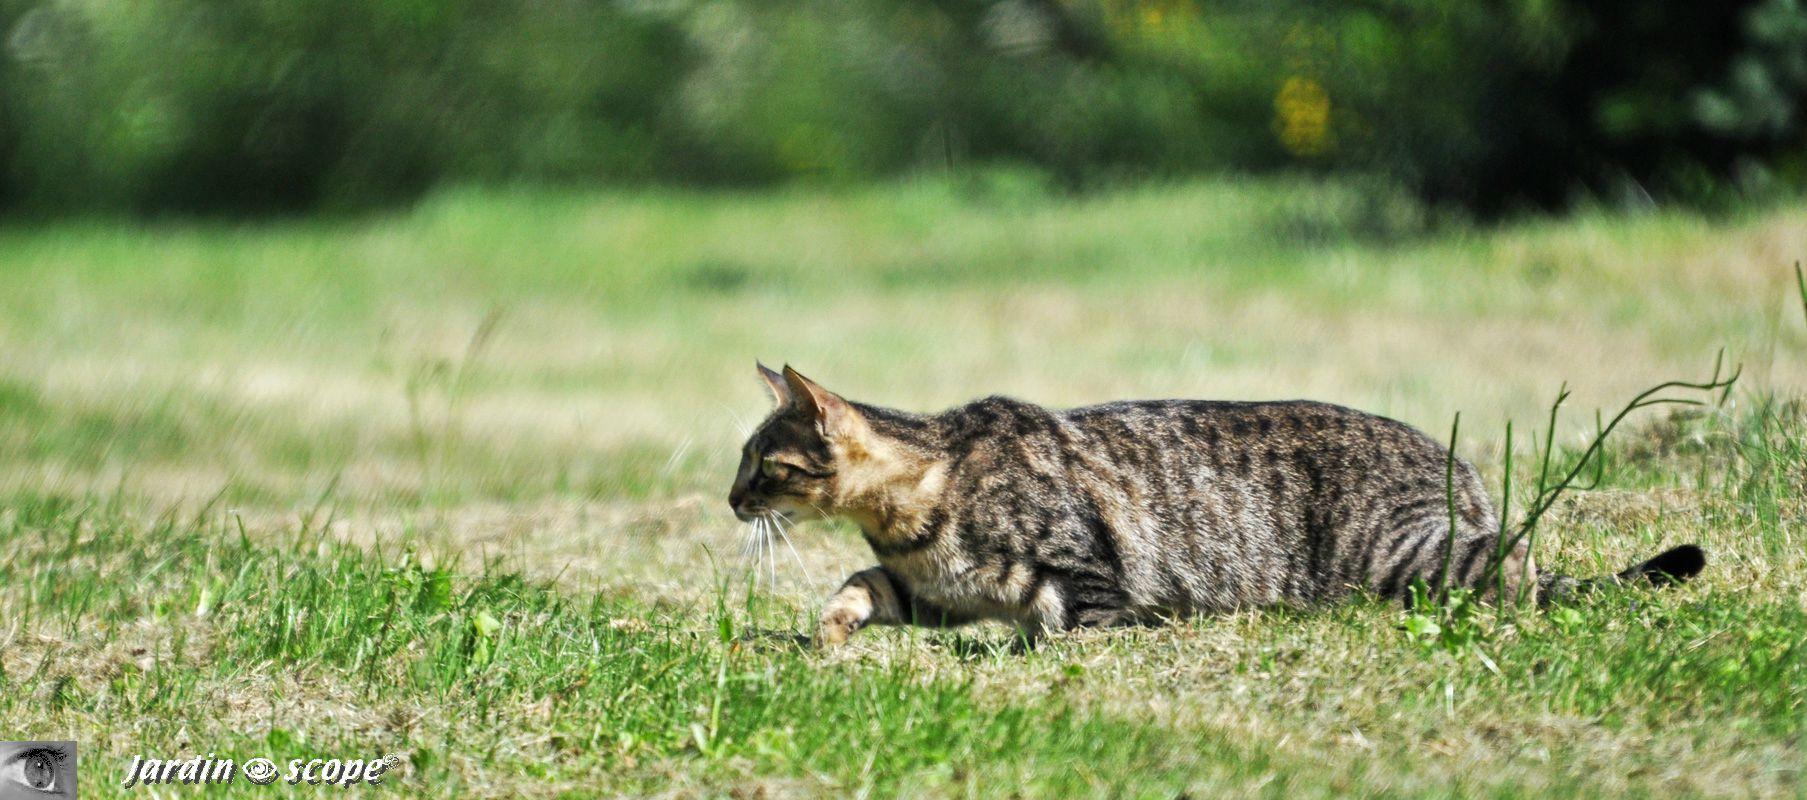 Les chats, ces redoutables prédateurs règnent au jardin